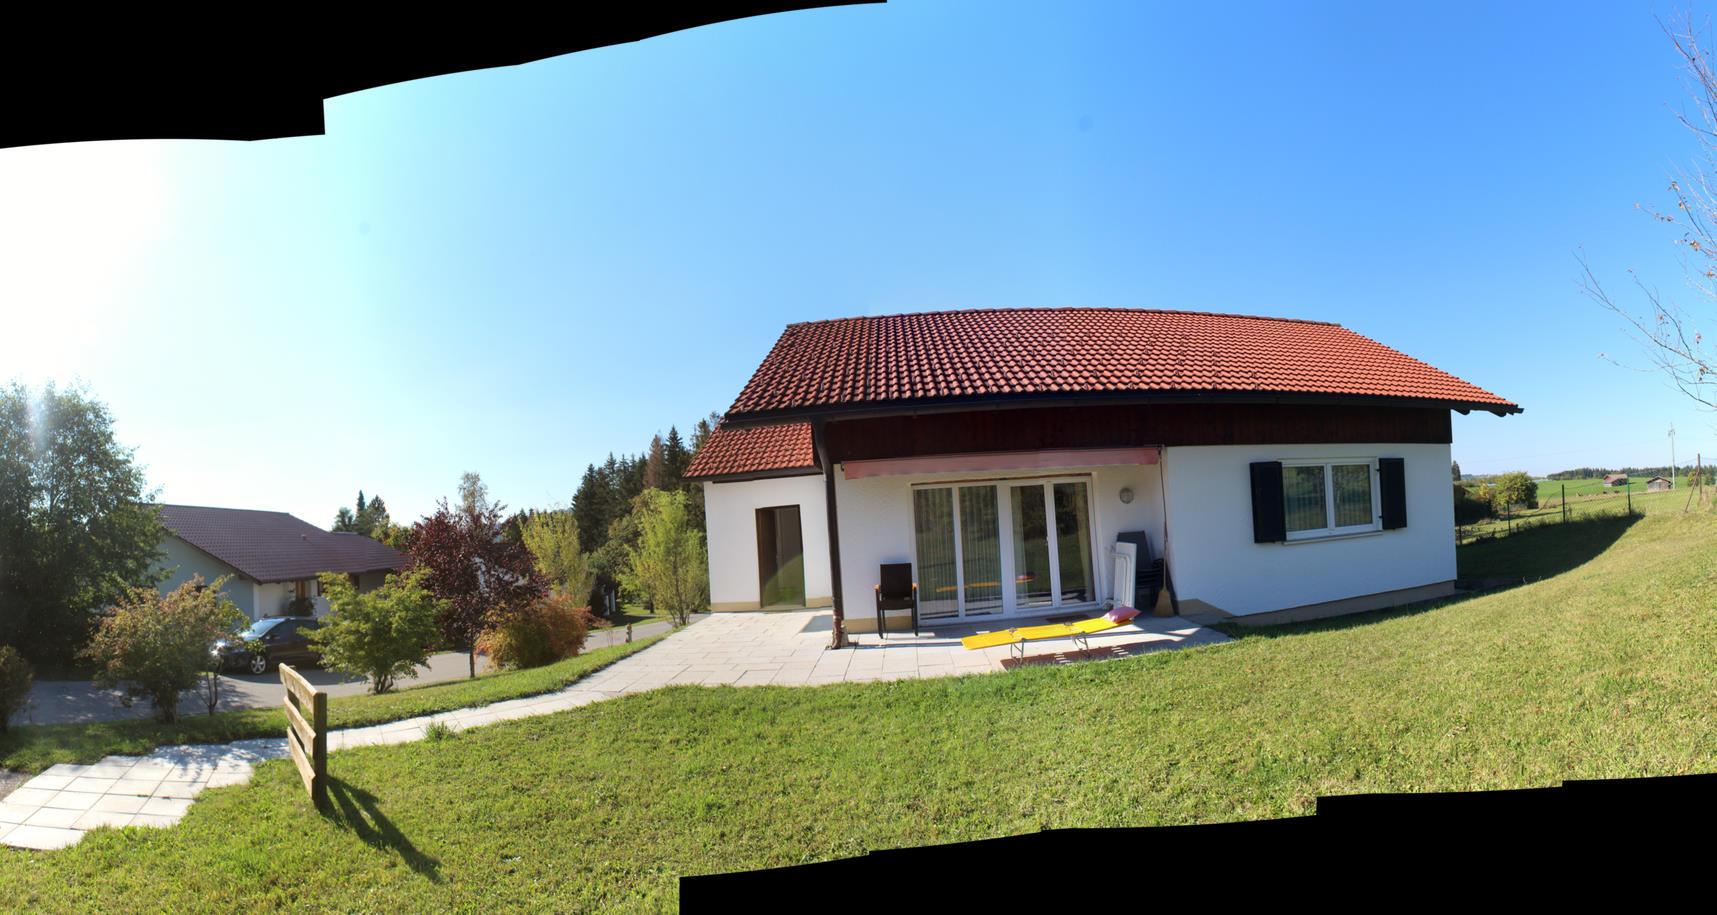 Fuchsweg 22